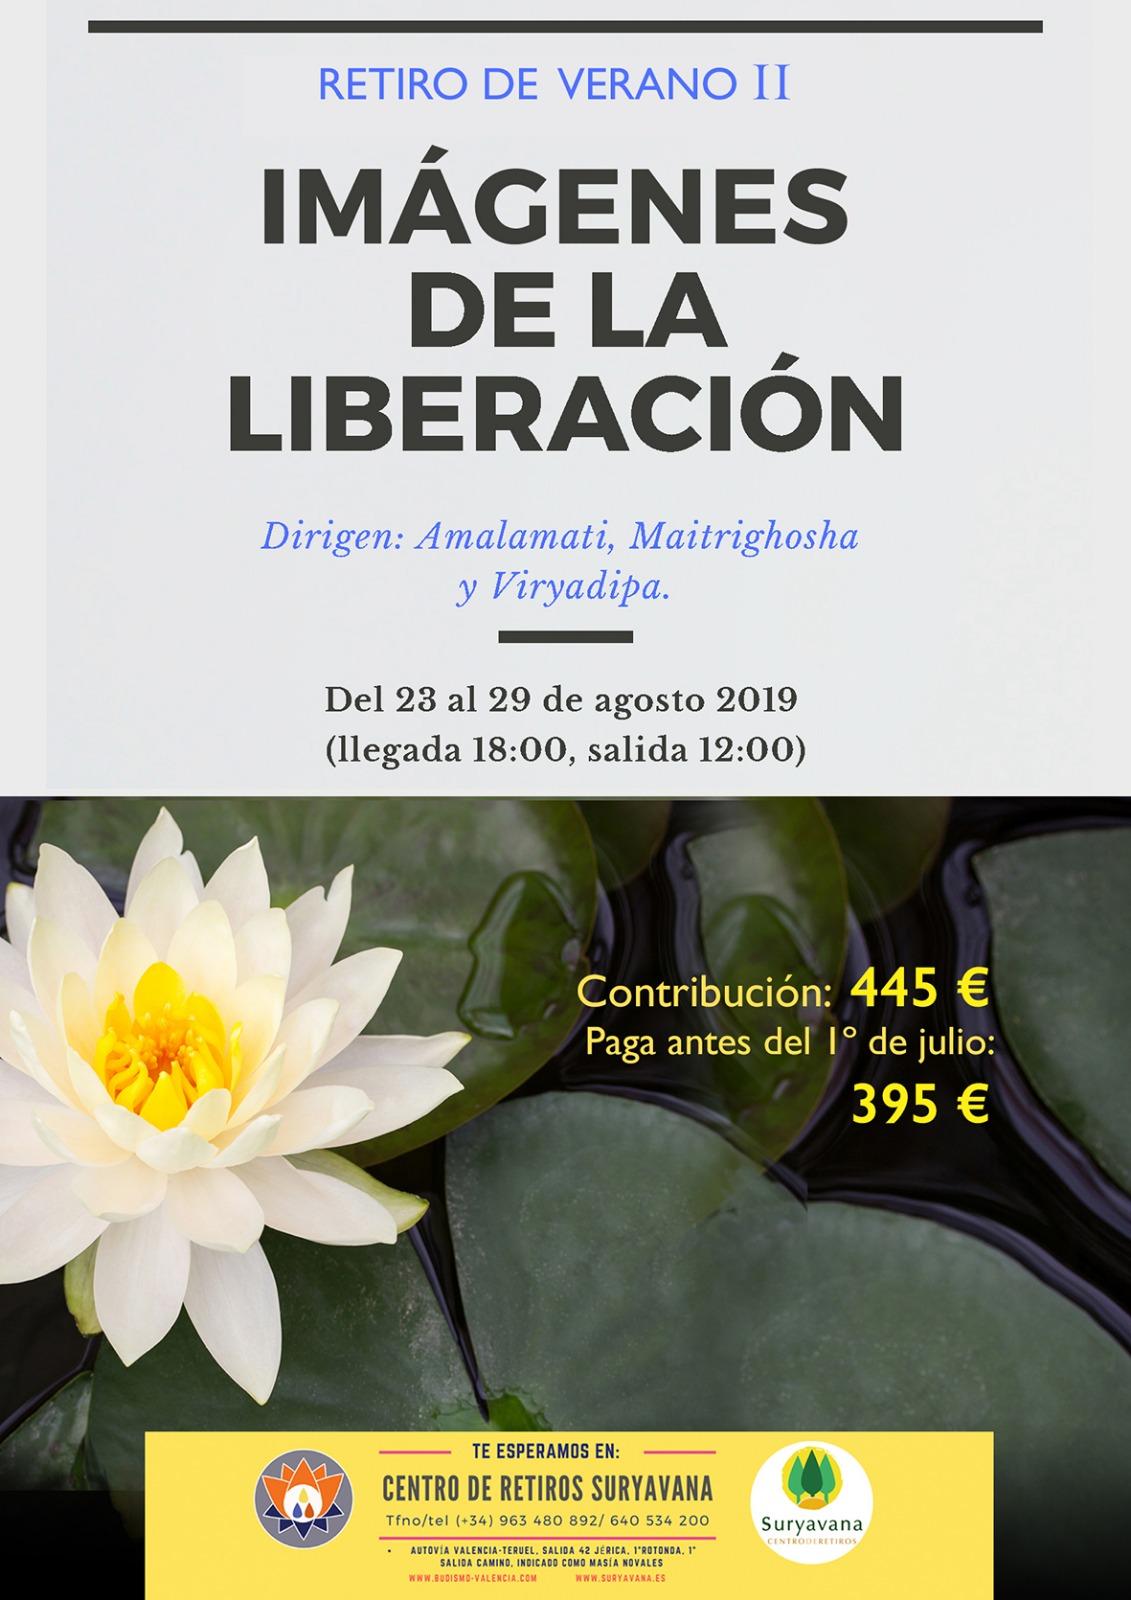 Imágenes de la Liberación